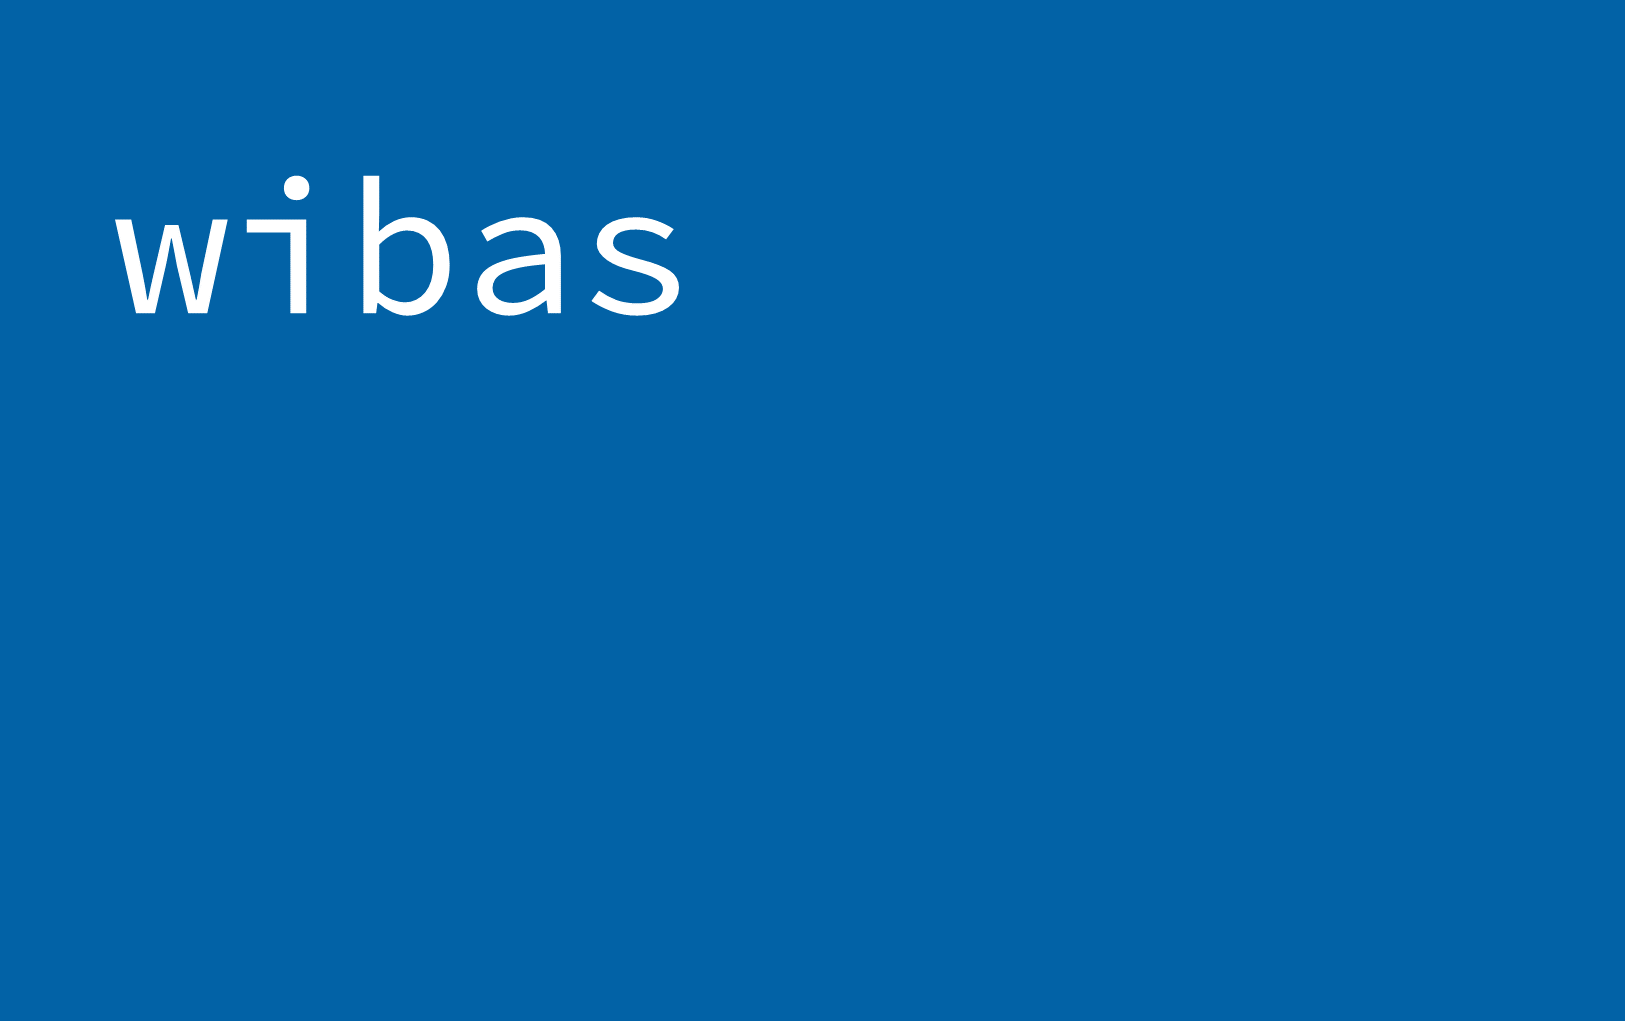 wibas